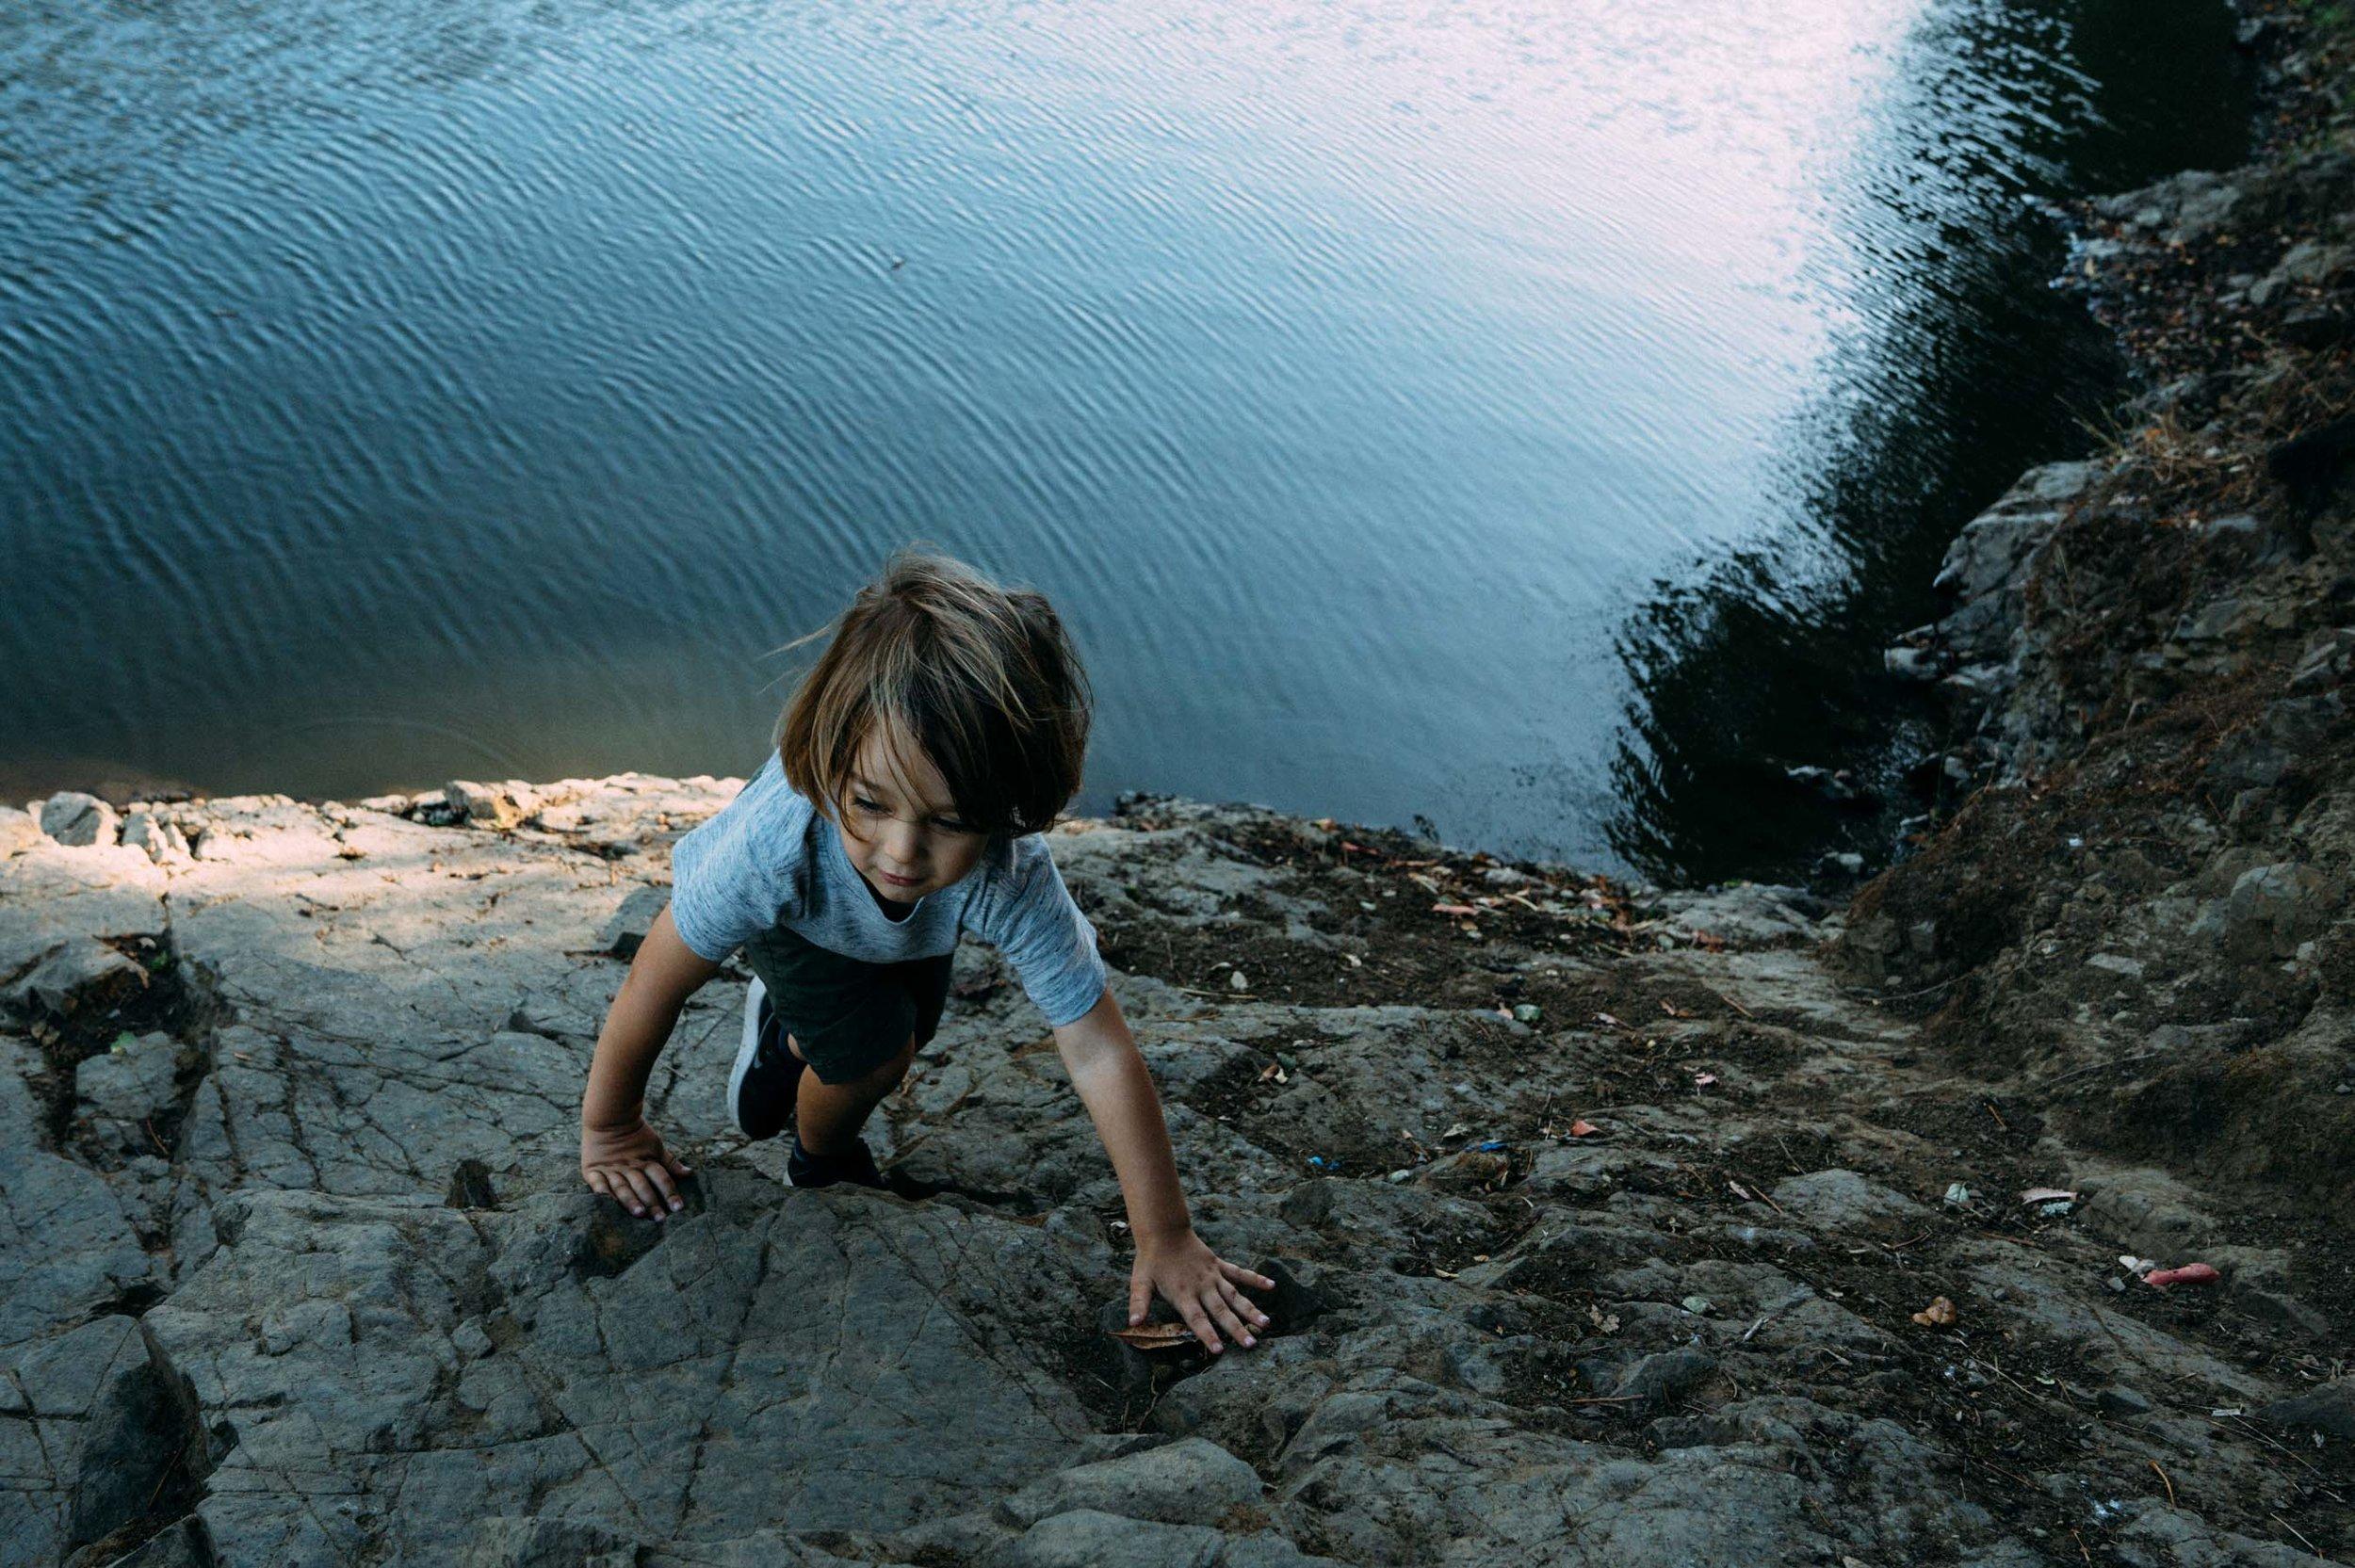 kyson-dana-waterdog-lake-44.jpg